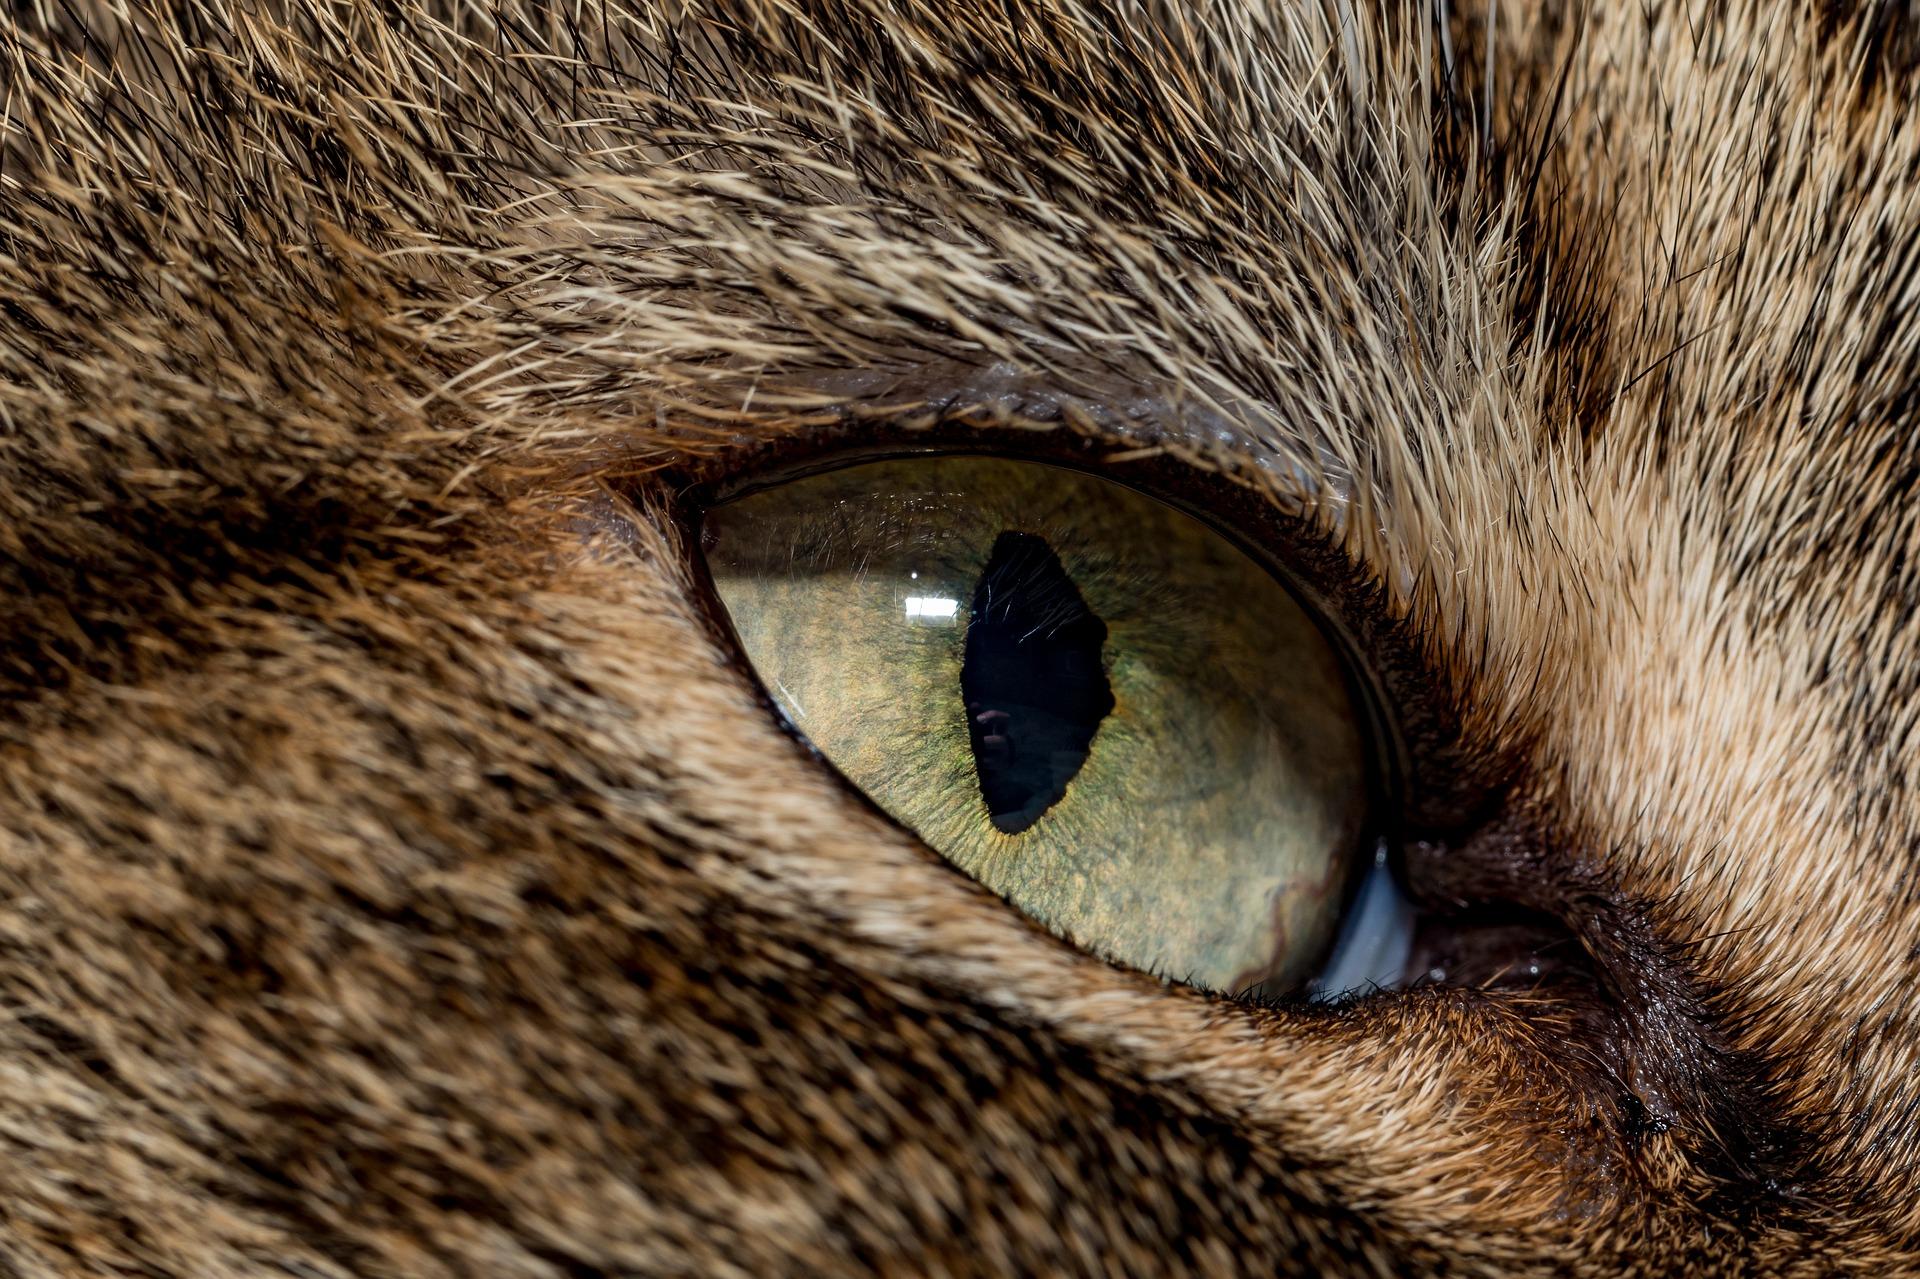 Viditelná mžurka u koček – pozor, problém!